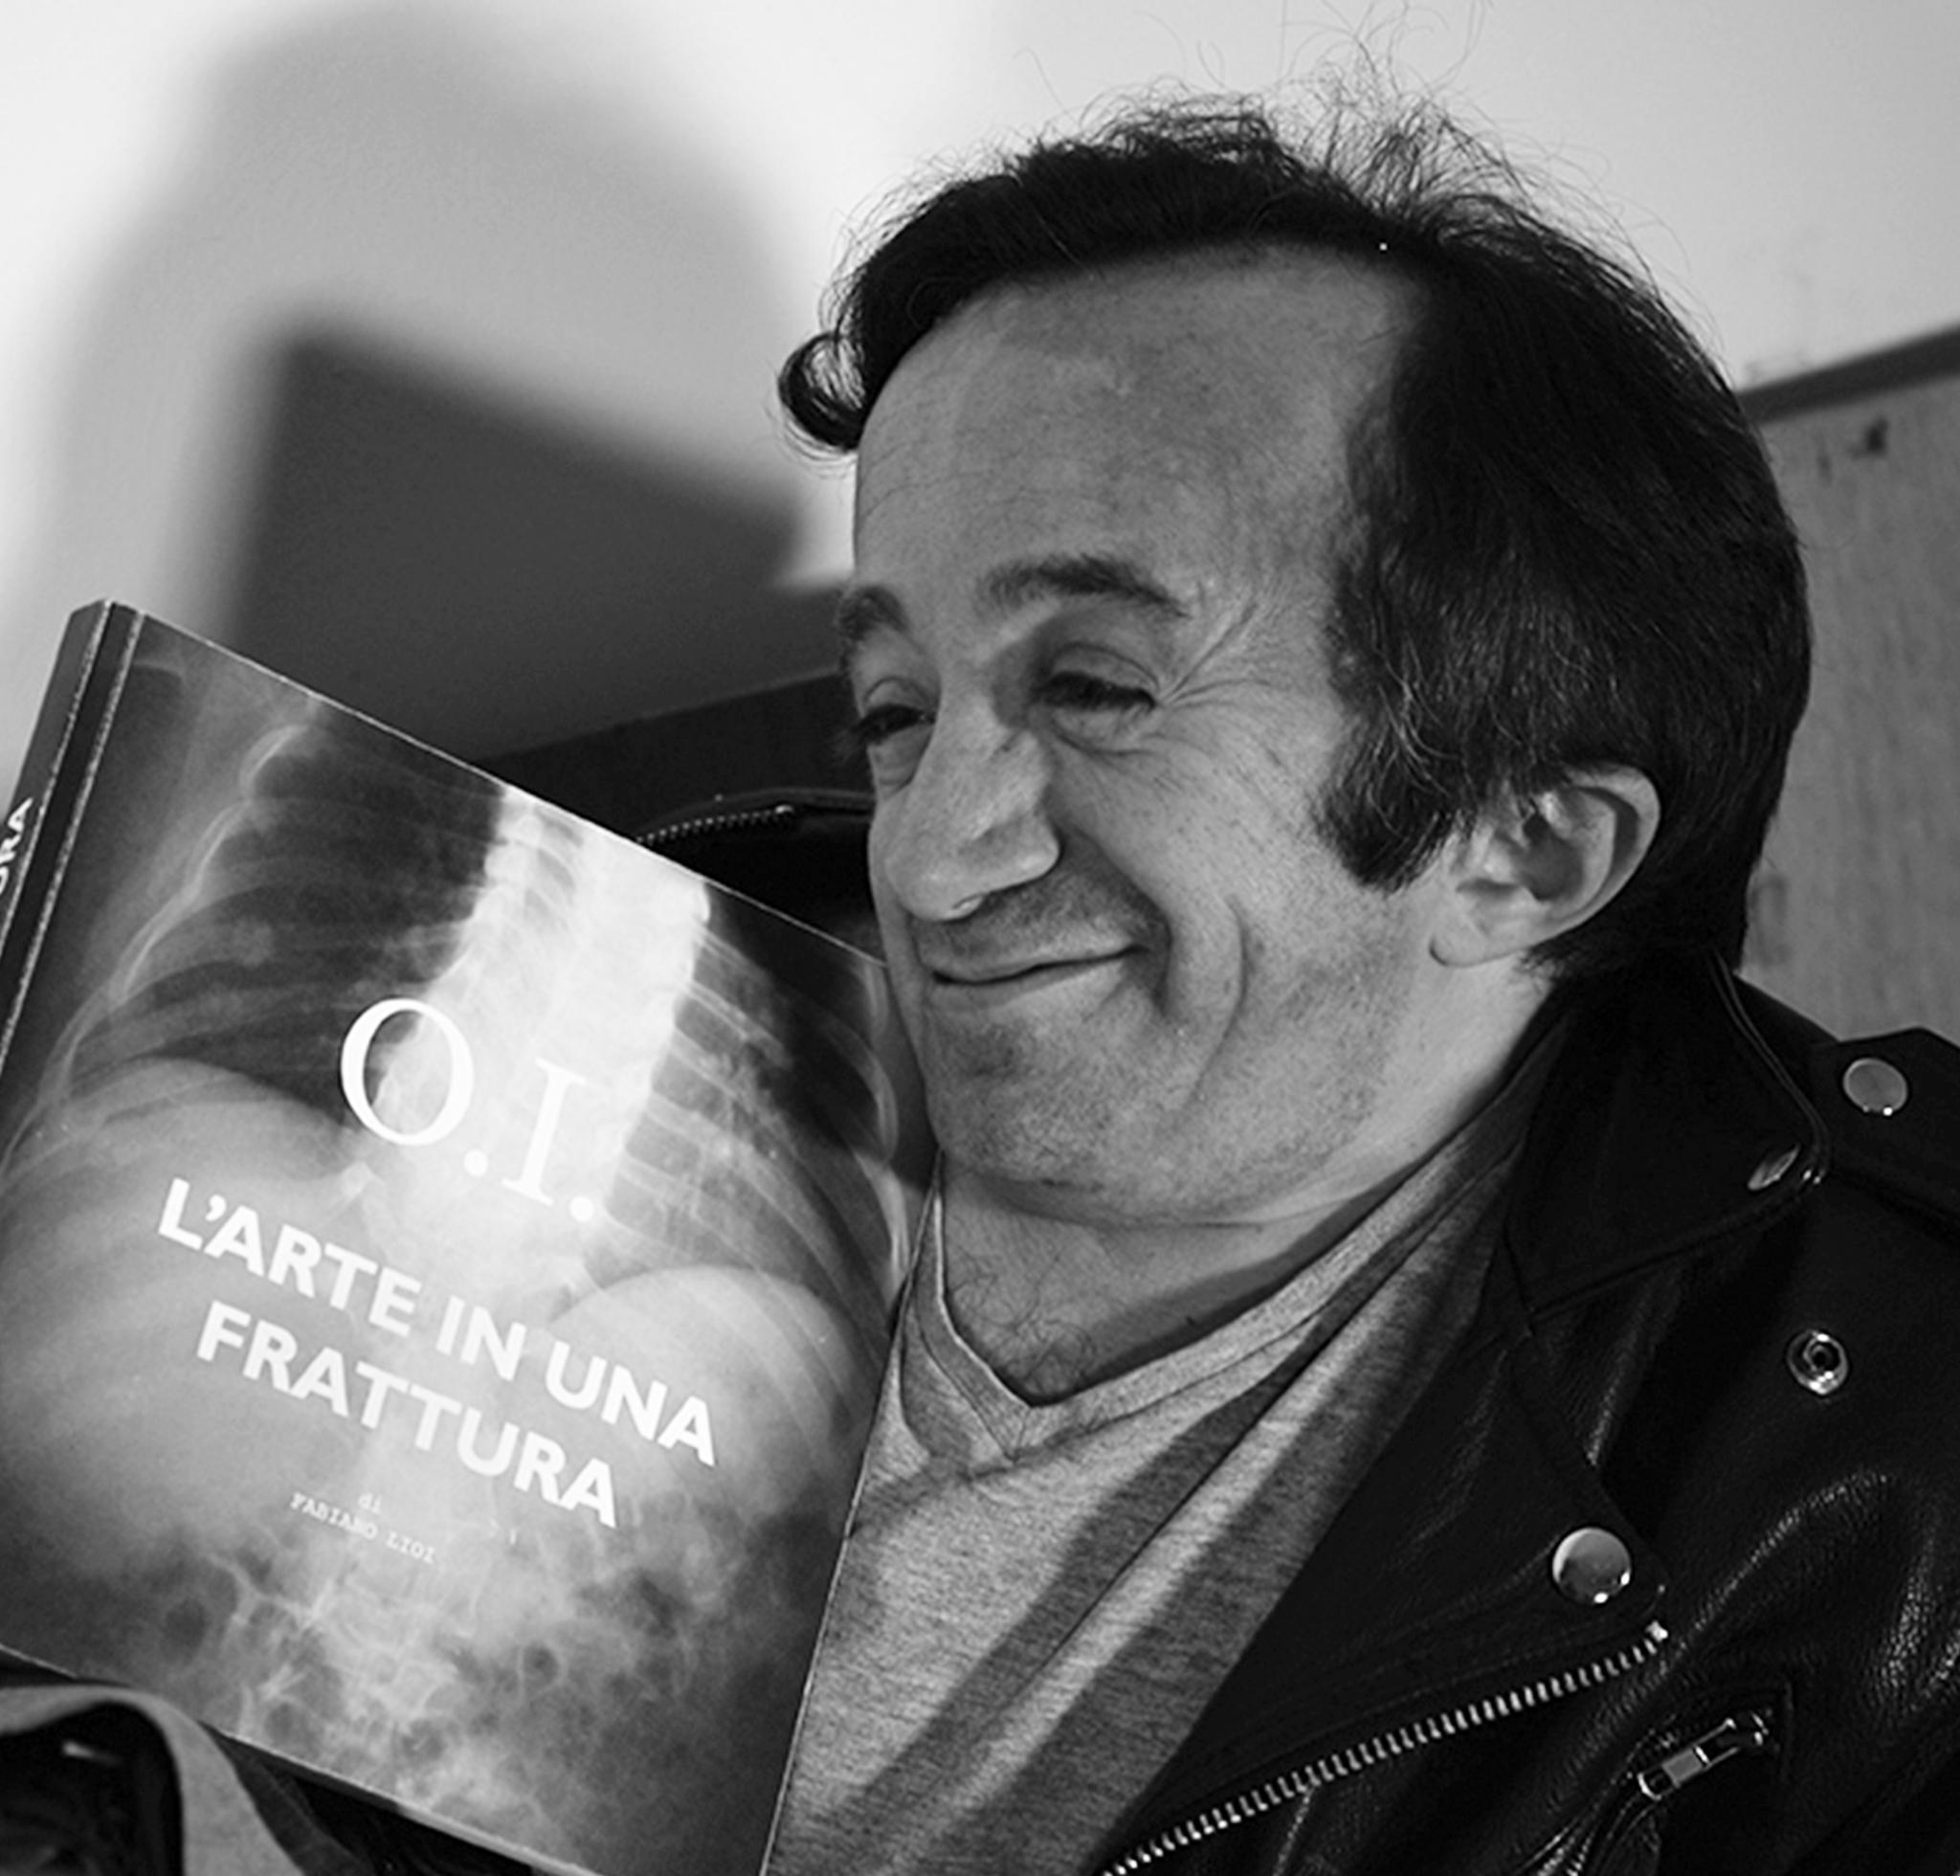 Fabiano Lioi Sorride con il suo libro O.I. L'arte in una frattura in mano, quasi sdraiato sulla sedia, e ti invita a leggere gli articoli del Blog!